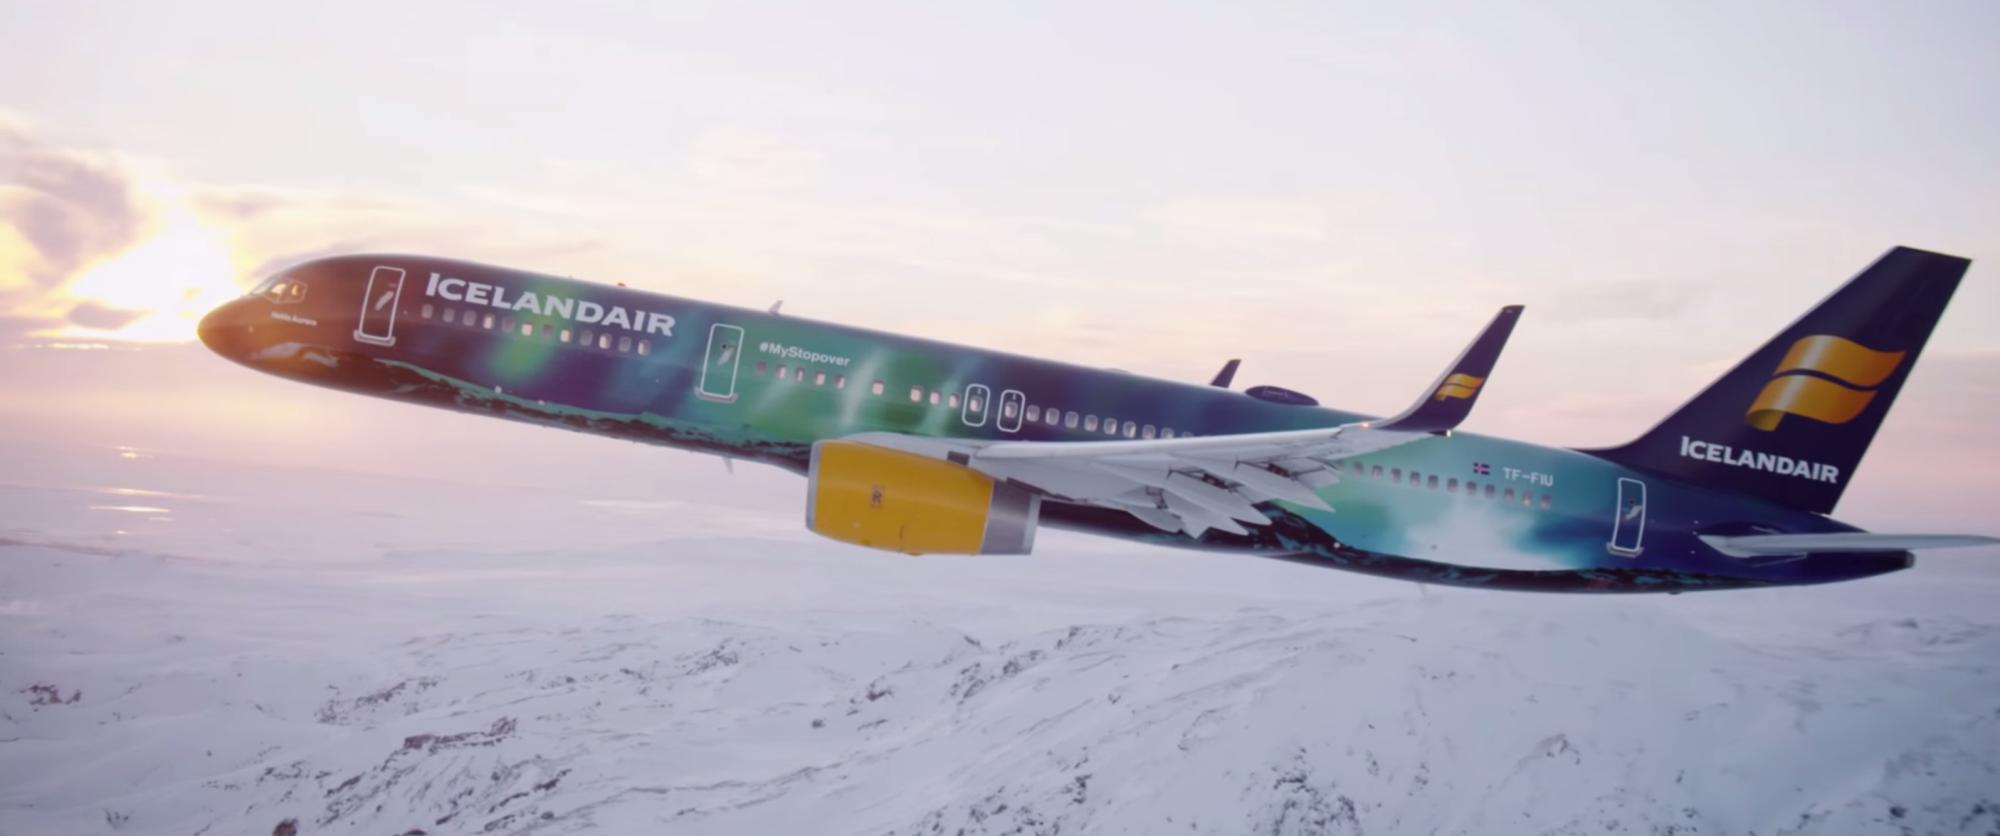 Iceland Air: Meet Hekla Aurora